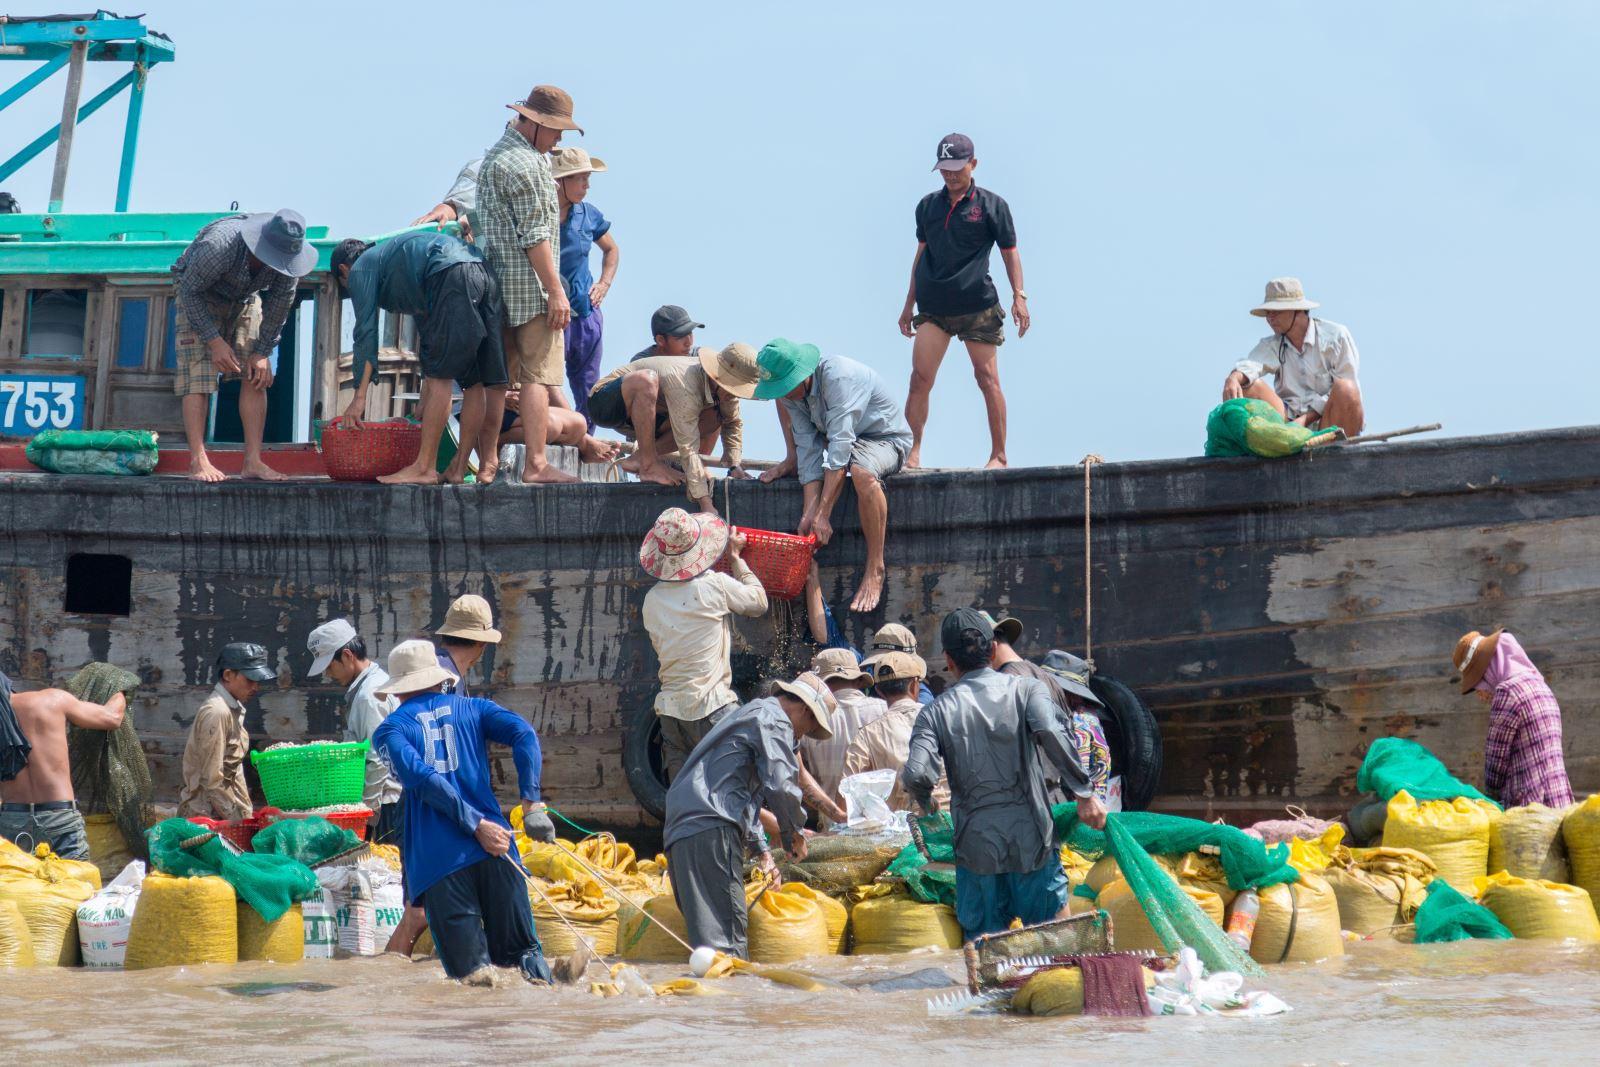 Nghêu non được tập kết lên thuyền để mang qua bãi nuôi khác.